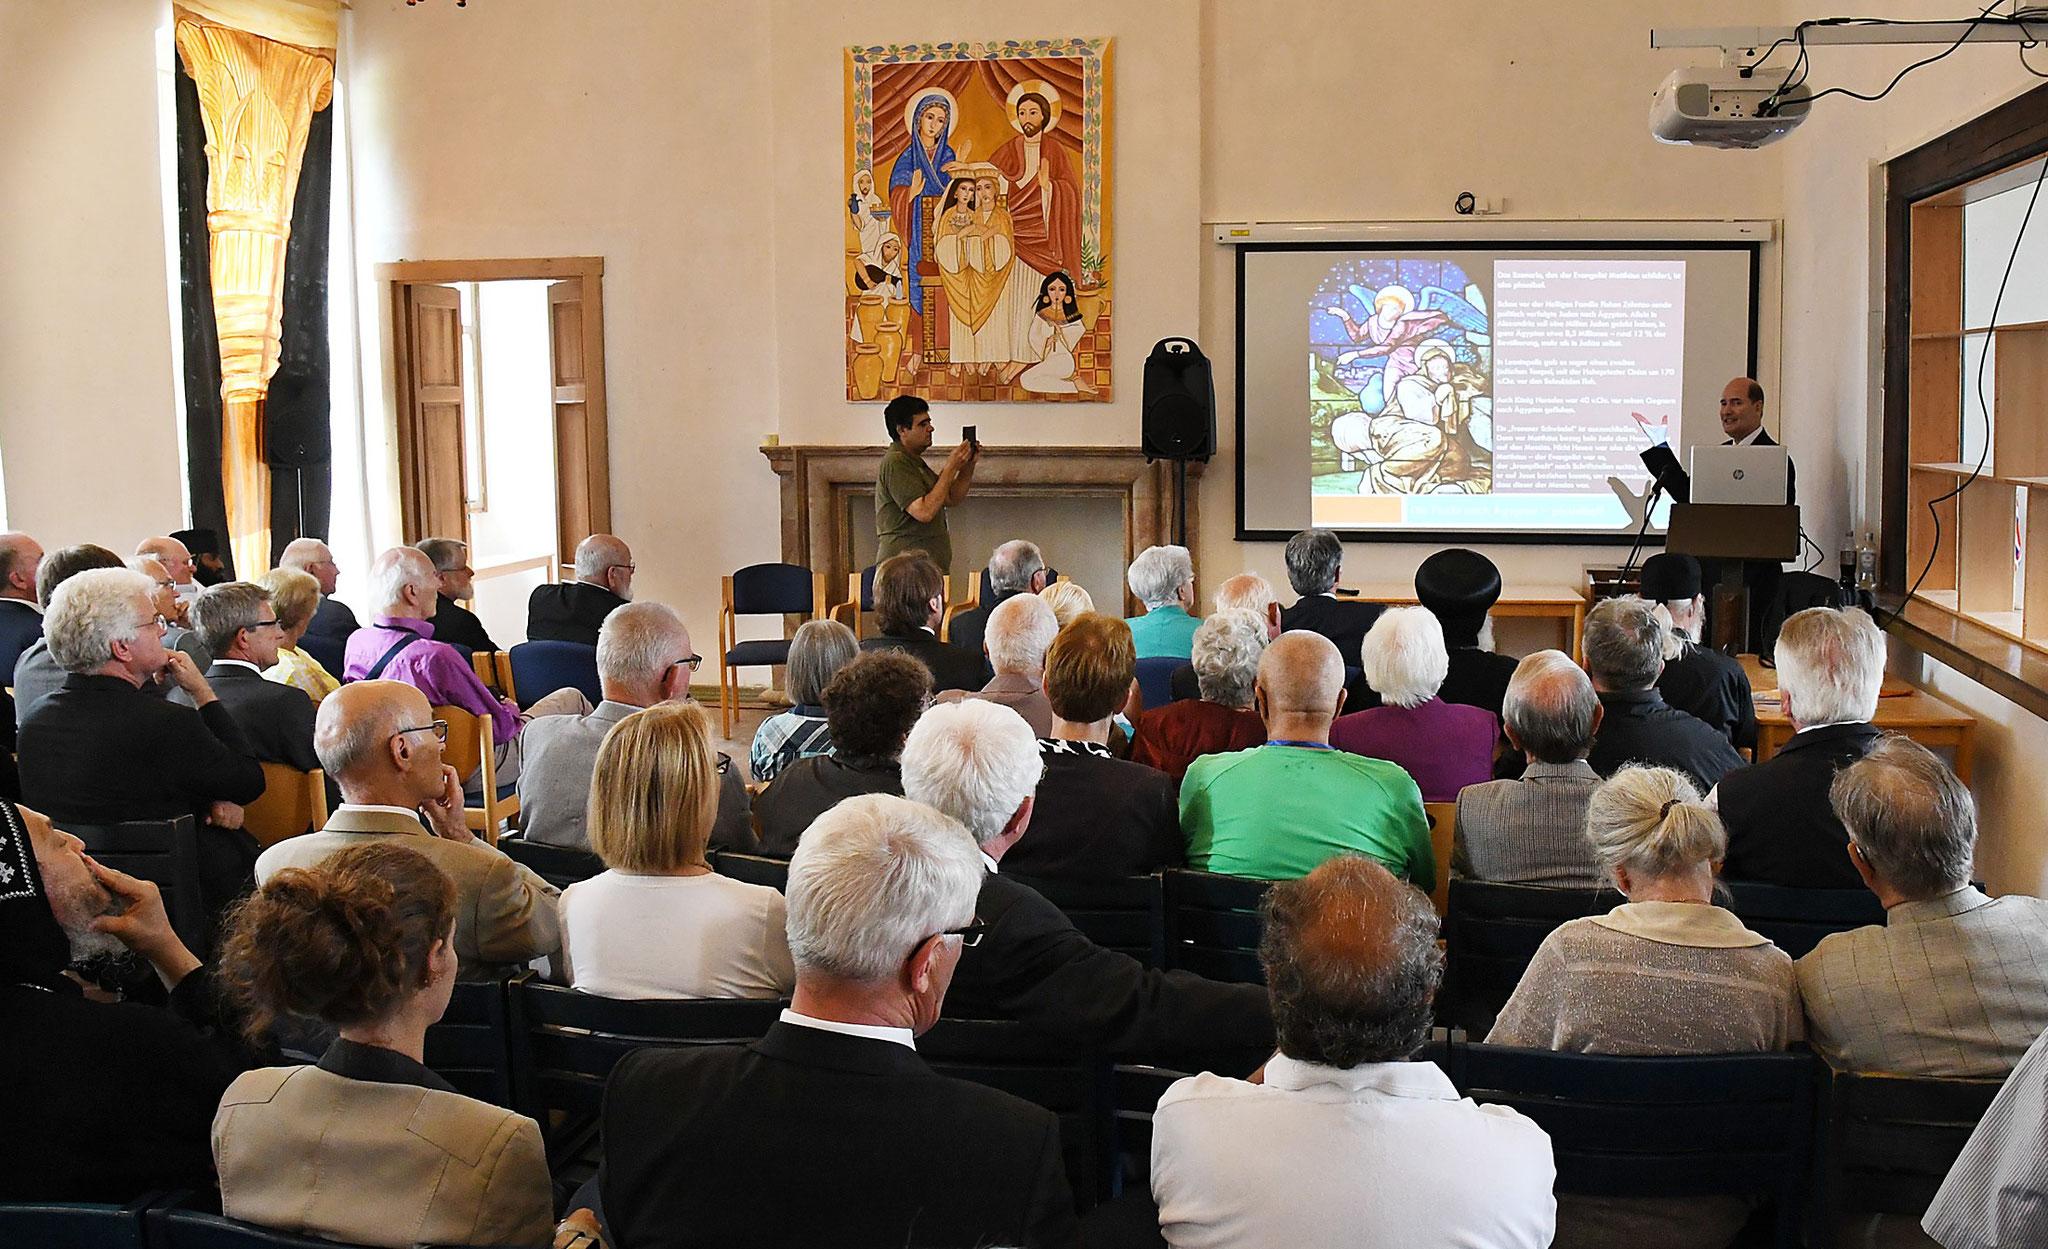 Vortrag von Dr. h.c. Michael Hesemann. Foto: Maria Hopp